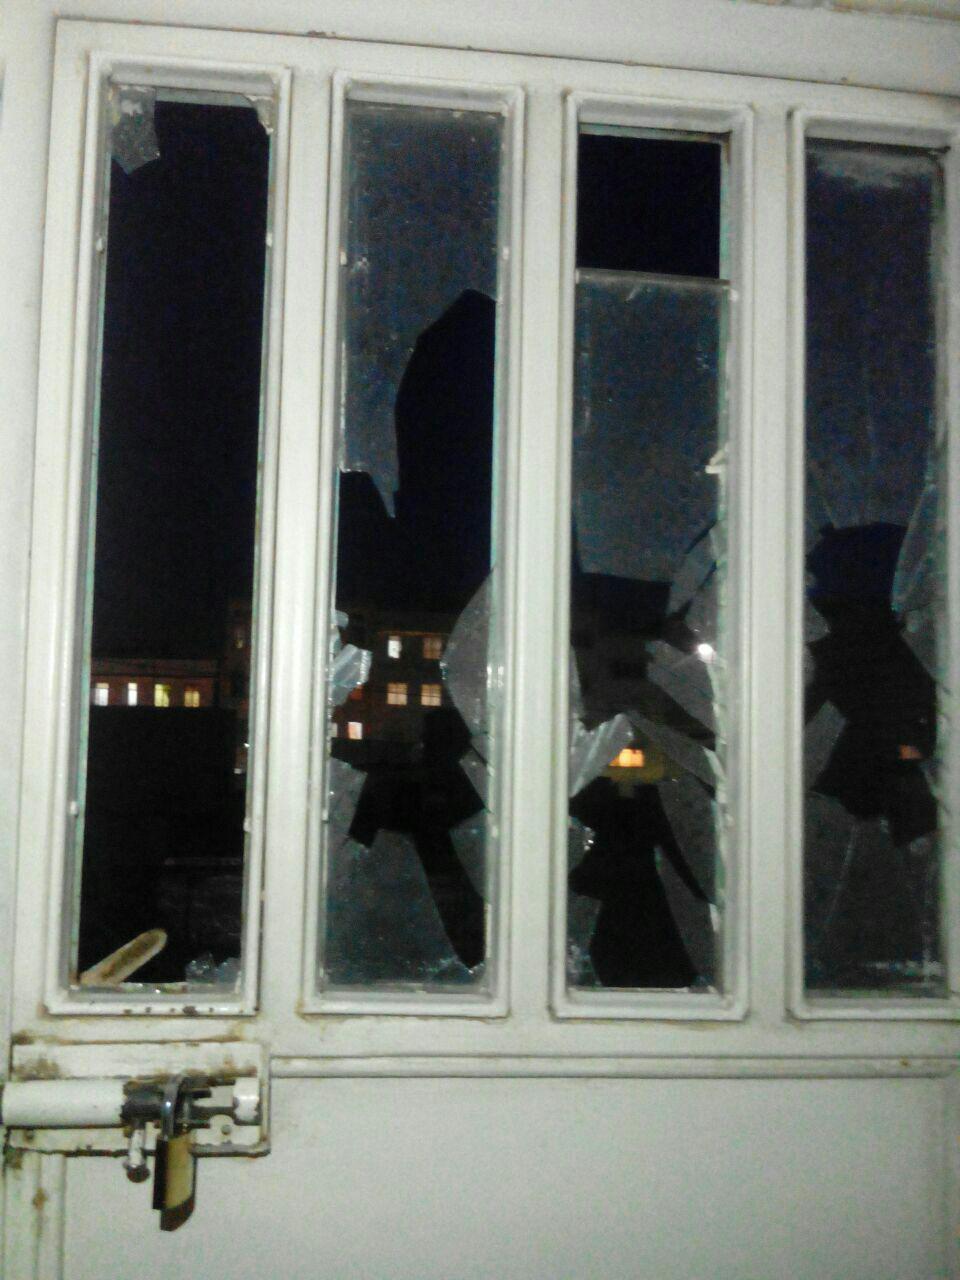 مامور گاز با تست نشت گاز با فندک خانه را منفجر کرد! + تصاویر